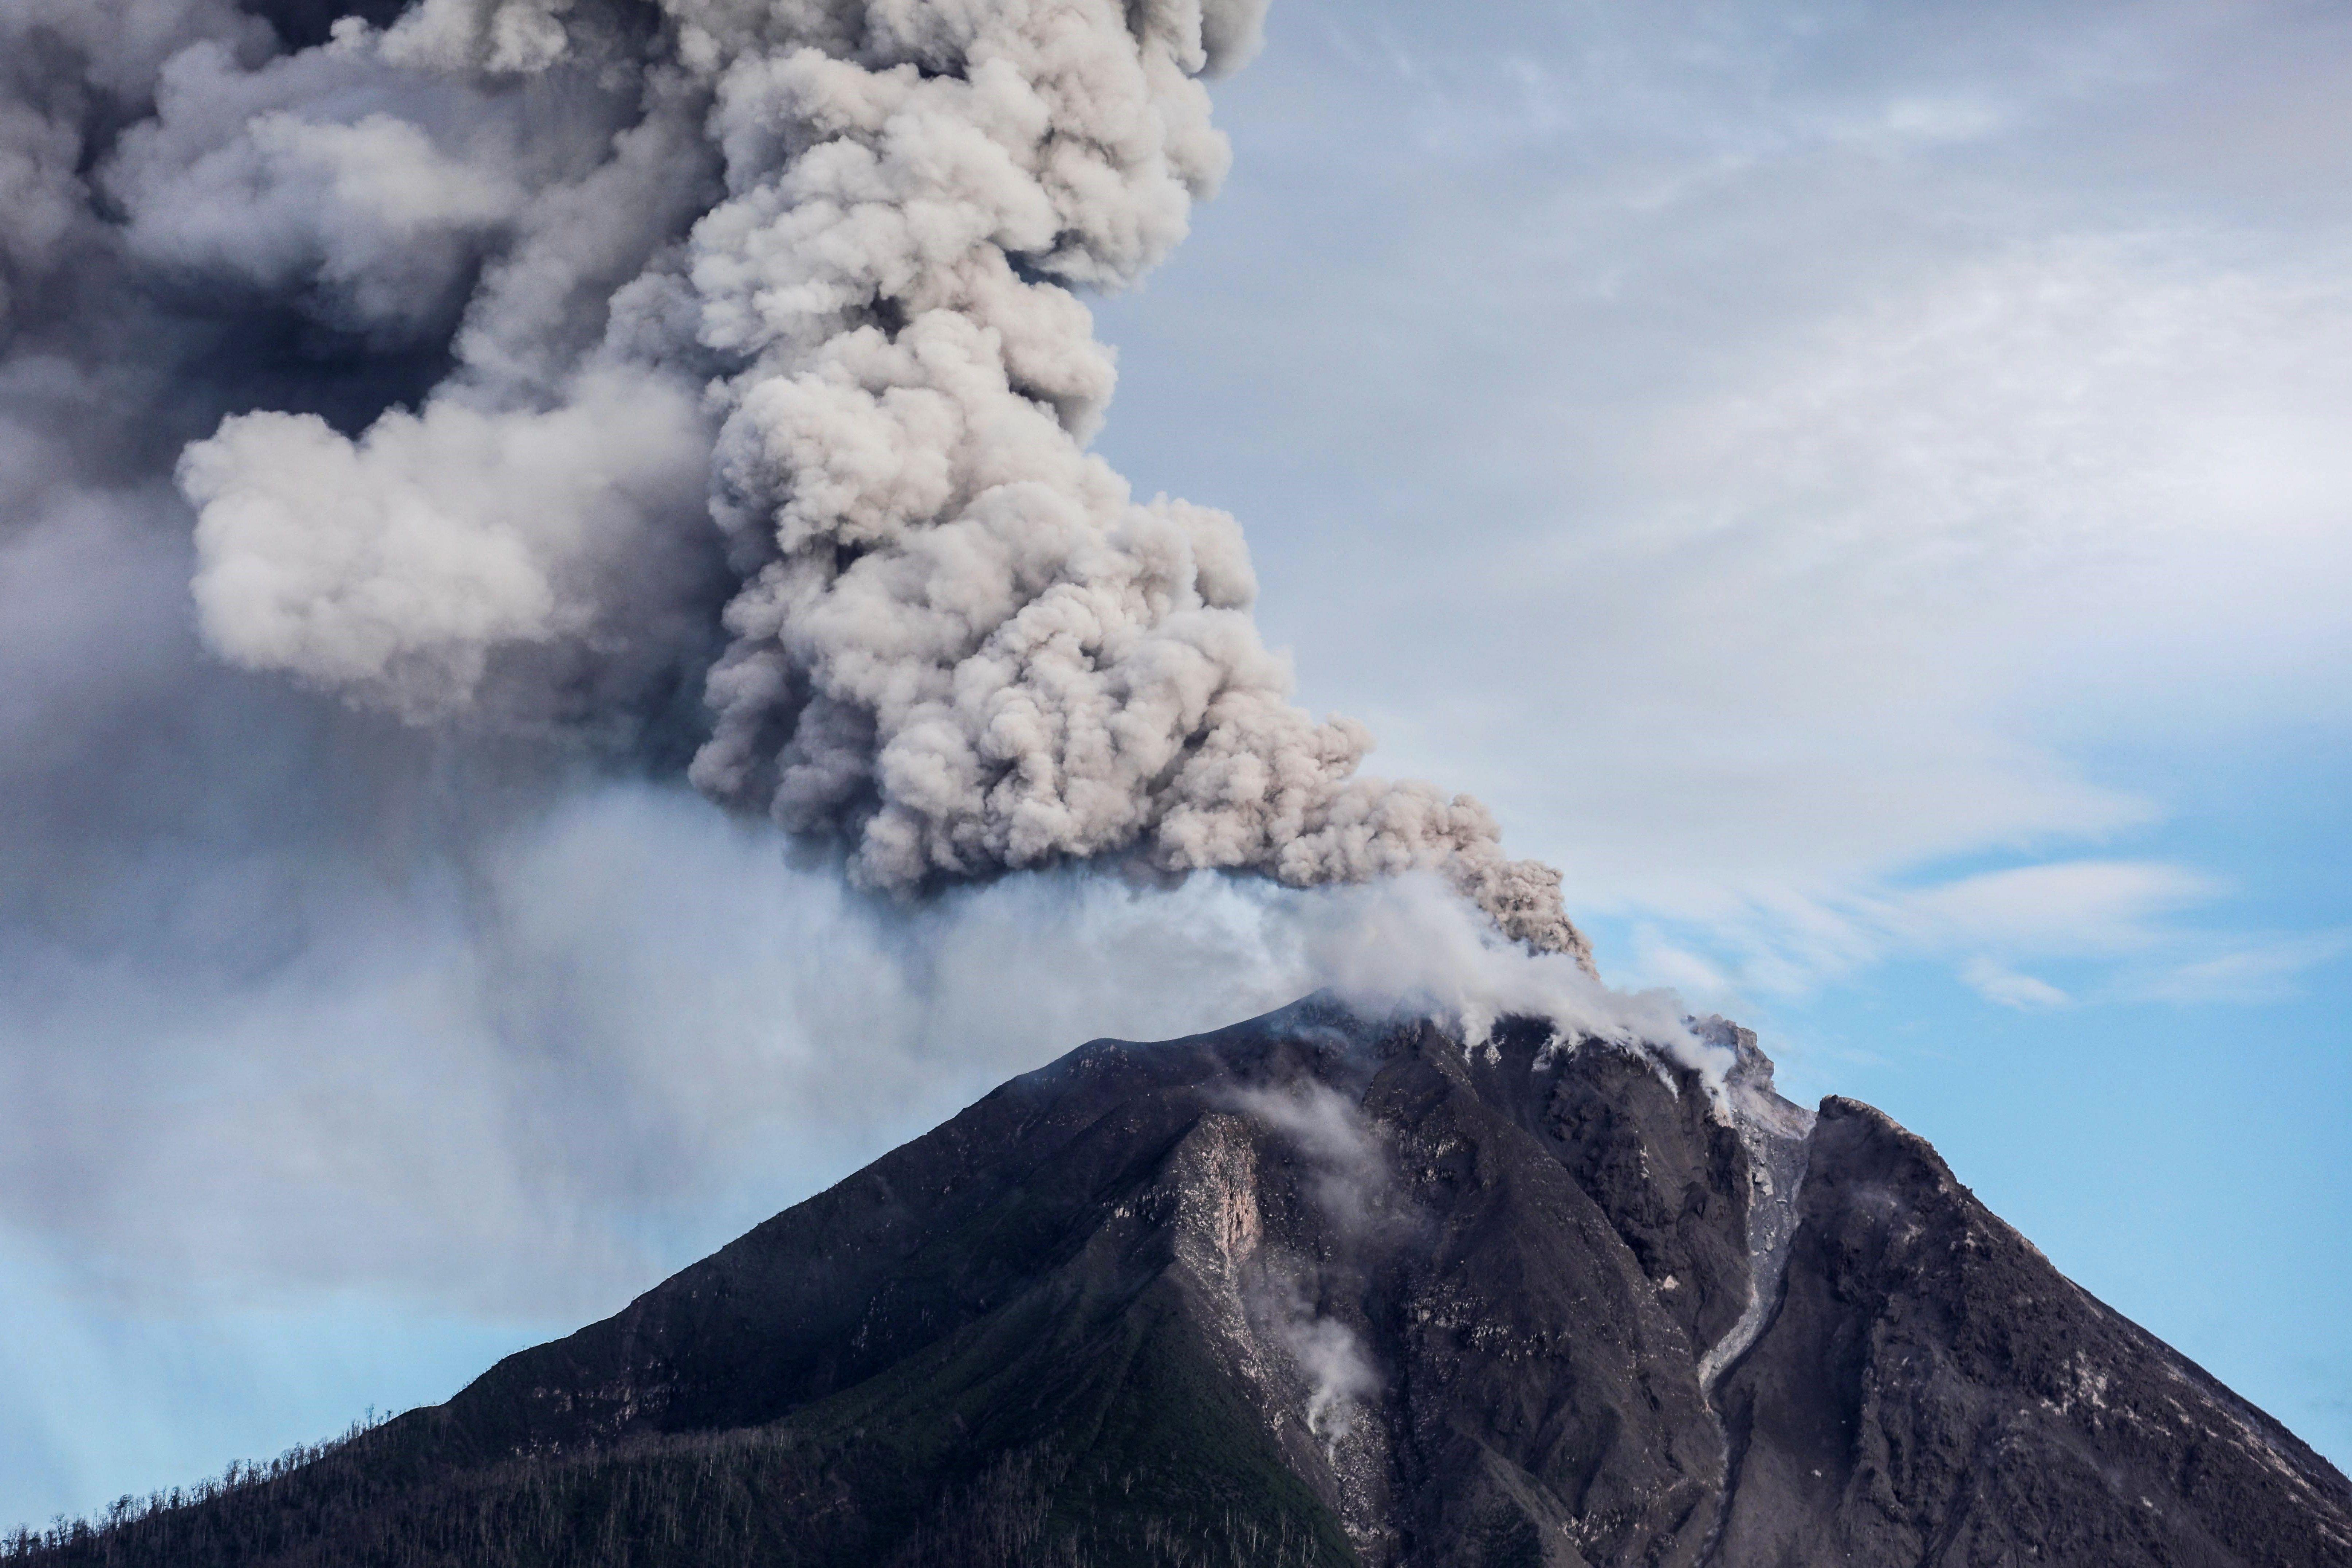 El volcà Sinabung expulsa cendra i lava a la illa indonèsia de Sumatra. /DEDI SINUHAJI